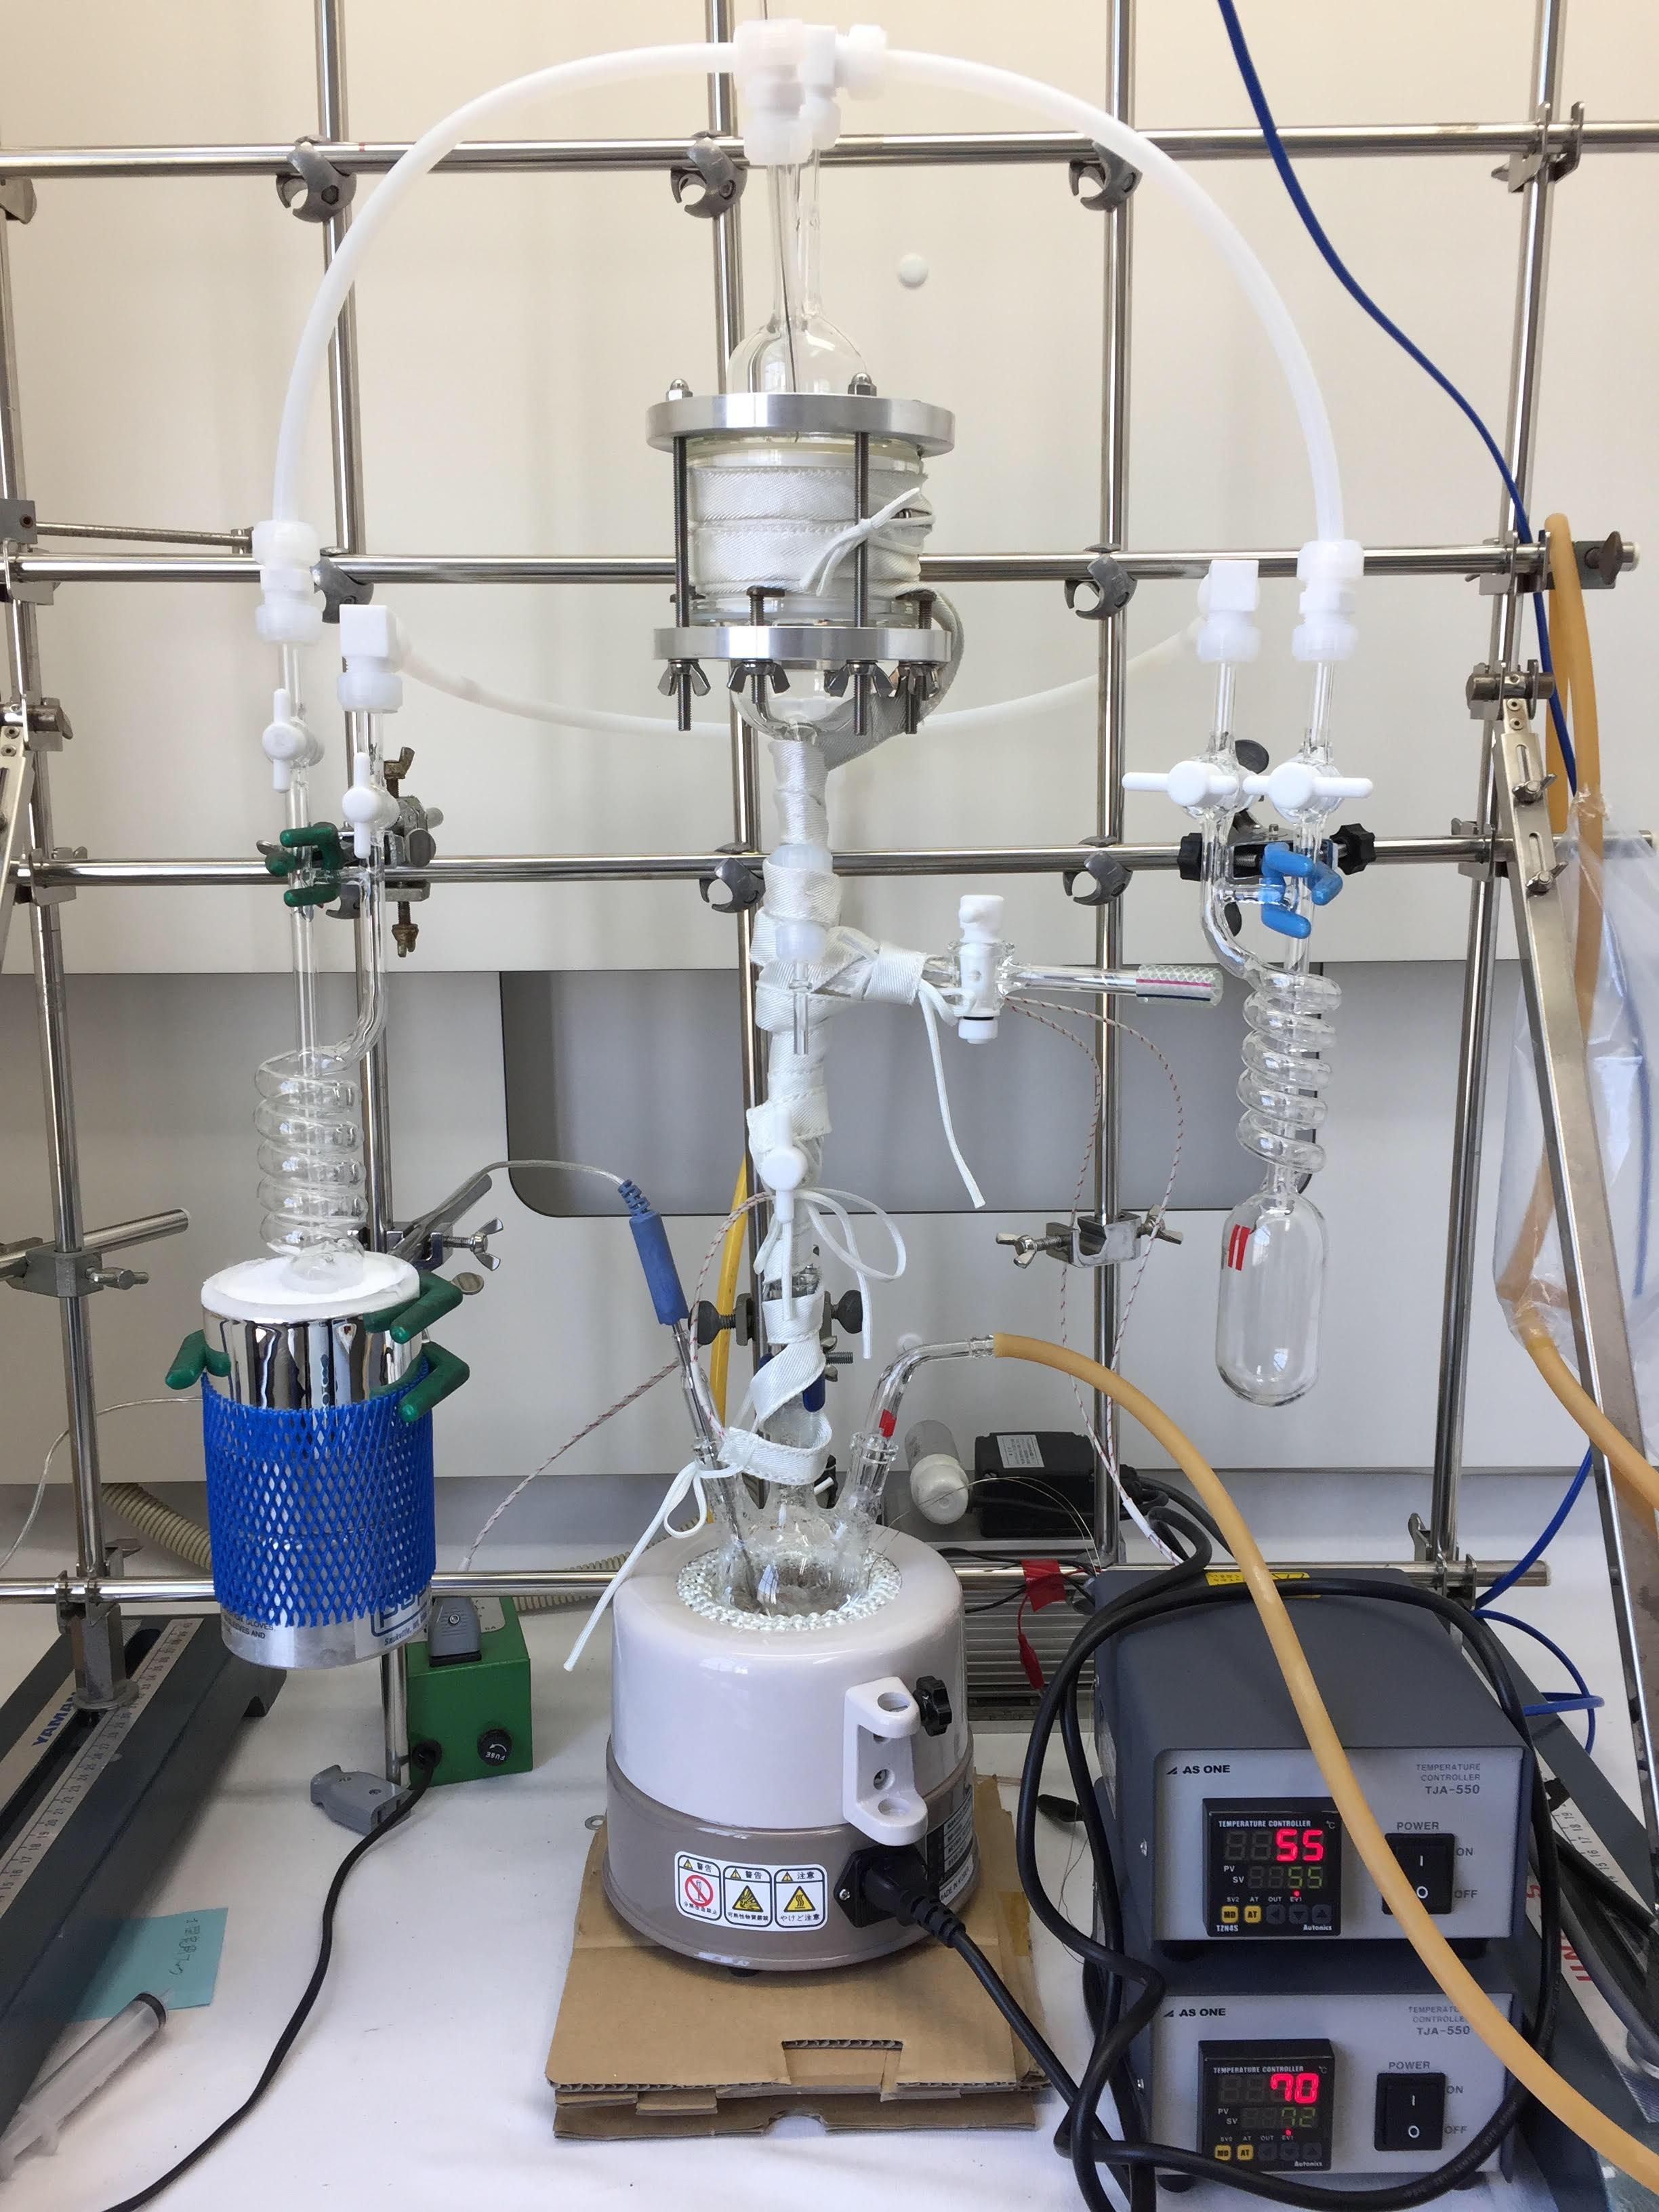 汚染水からトリチウム水を取り除く技術を開発東日本大震災の復興支援プロジェクトから生まれた汚染水対策